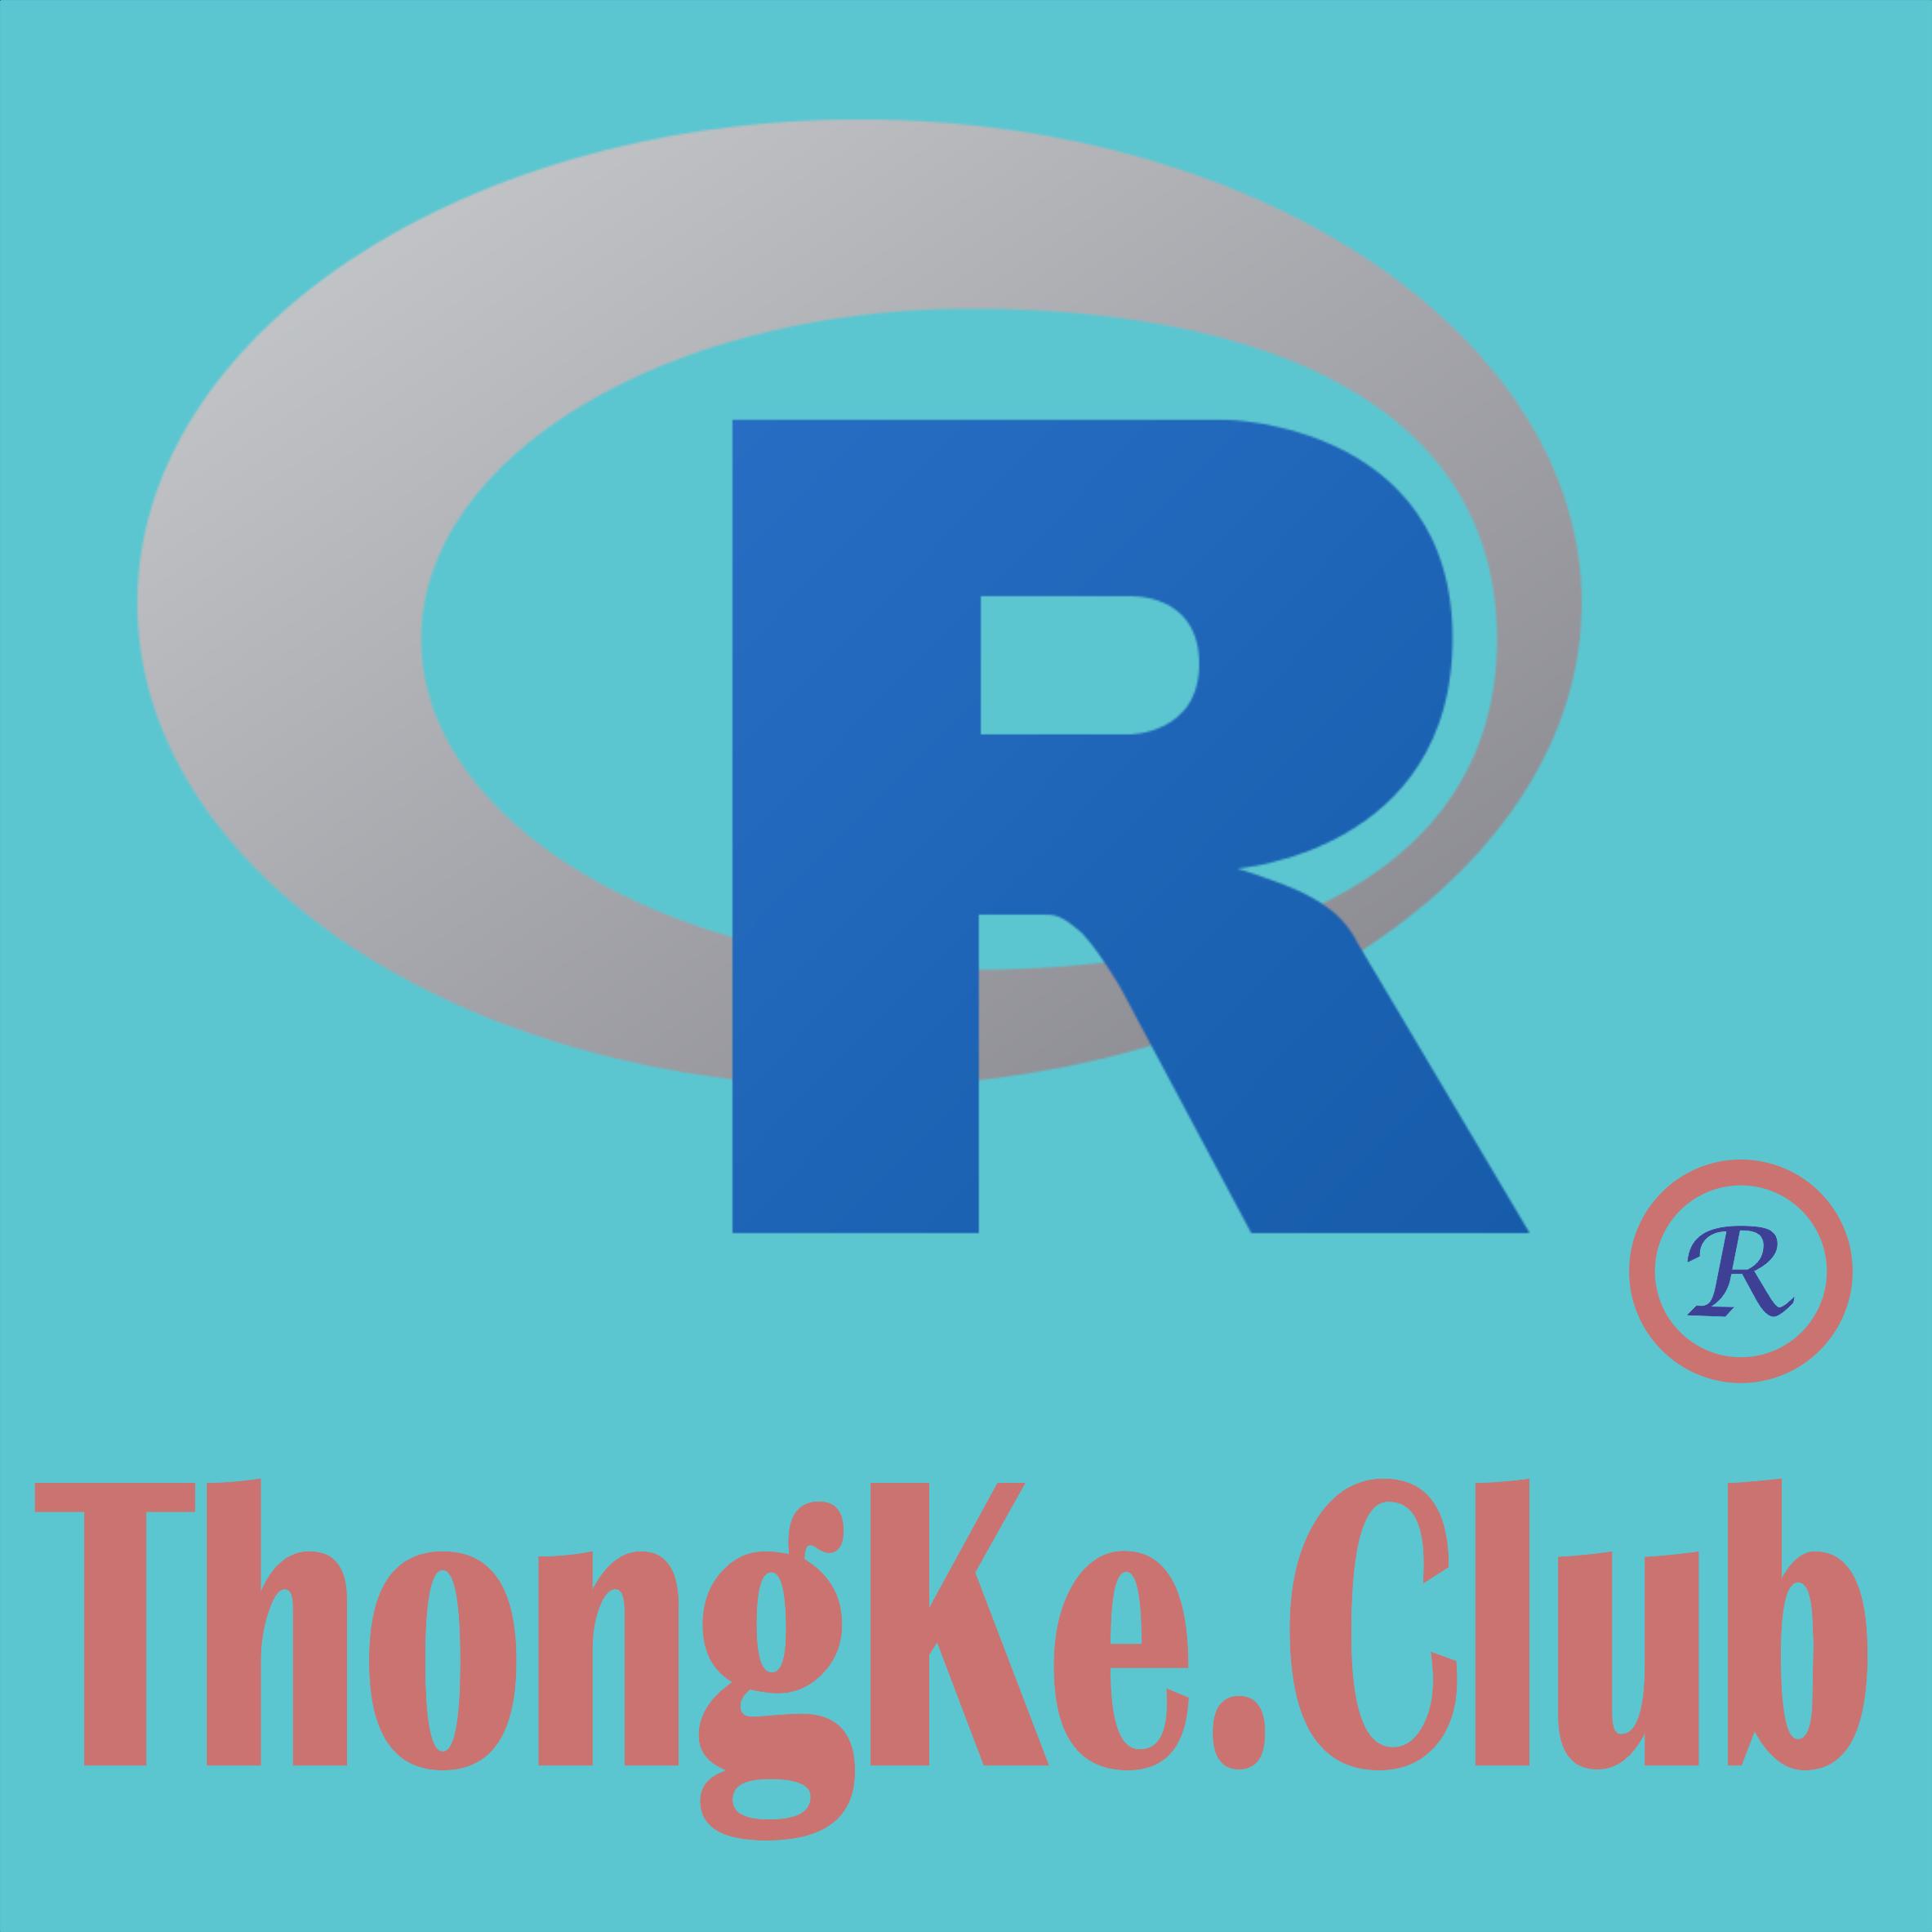 thongke5 - viết thuê luận văn cao học kinh tế giá rẻ tp hcm